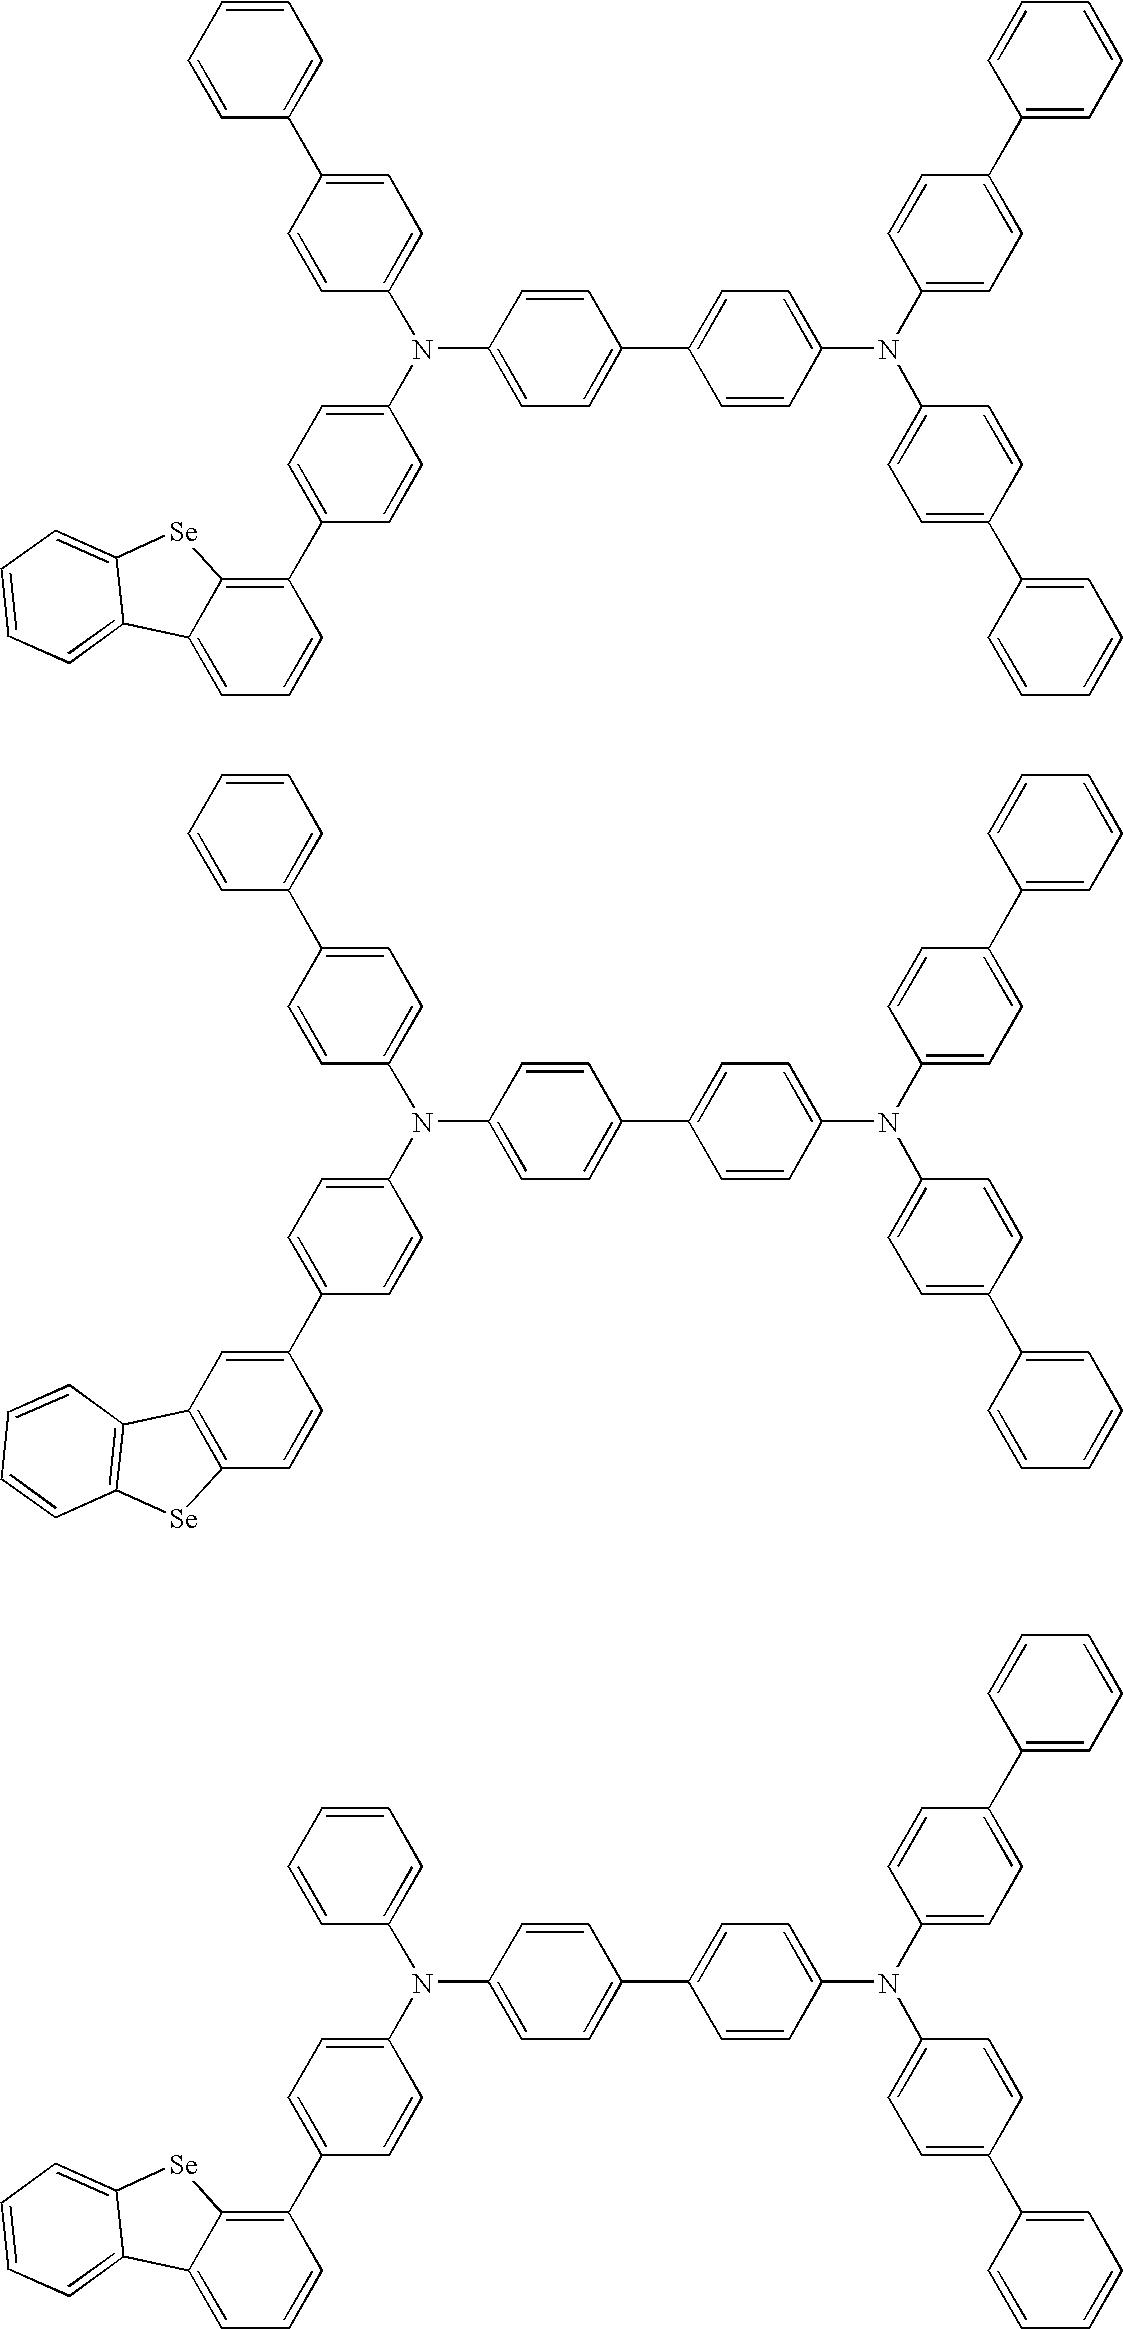 Figure US20100072887A1-20100325-C00243